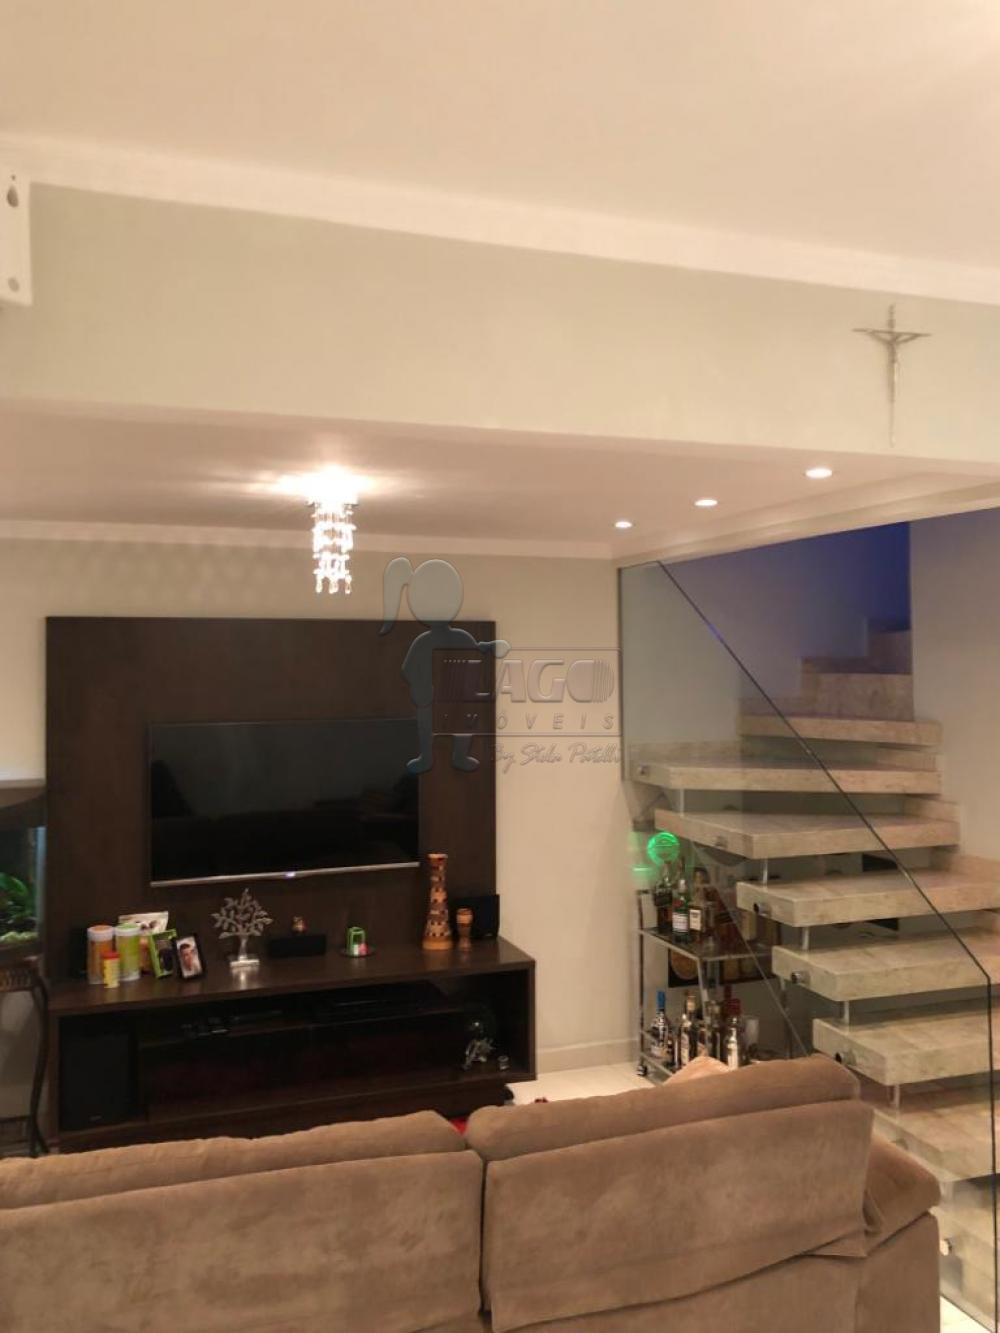 Comprar Casas / Condomínio em Ribeirão Preto apenas R$ 455.000,00 - Foto 1